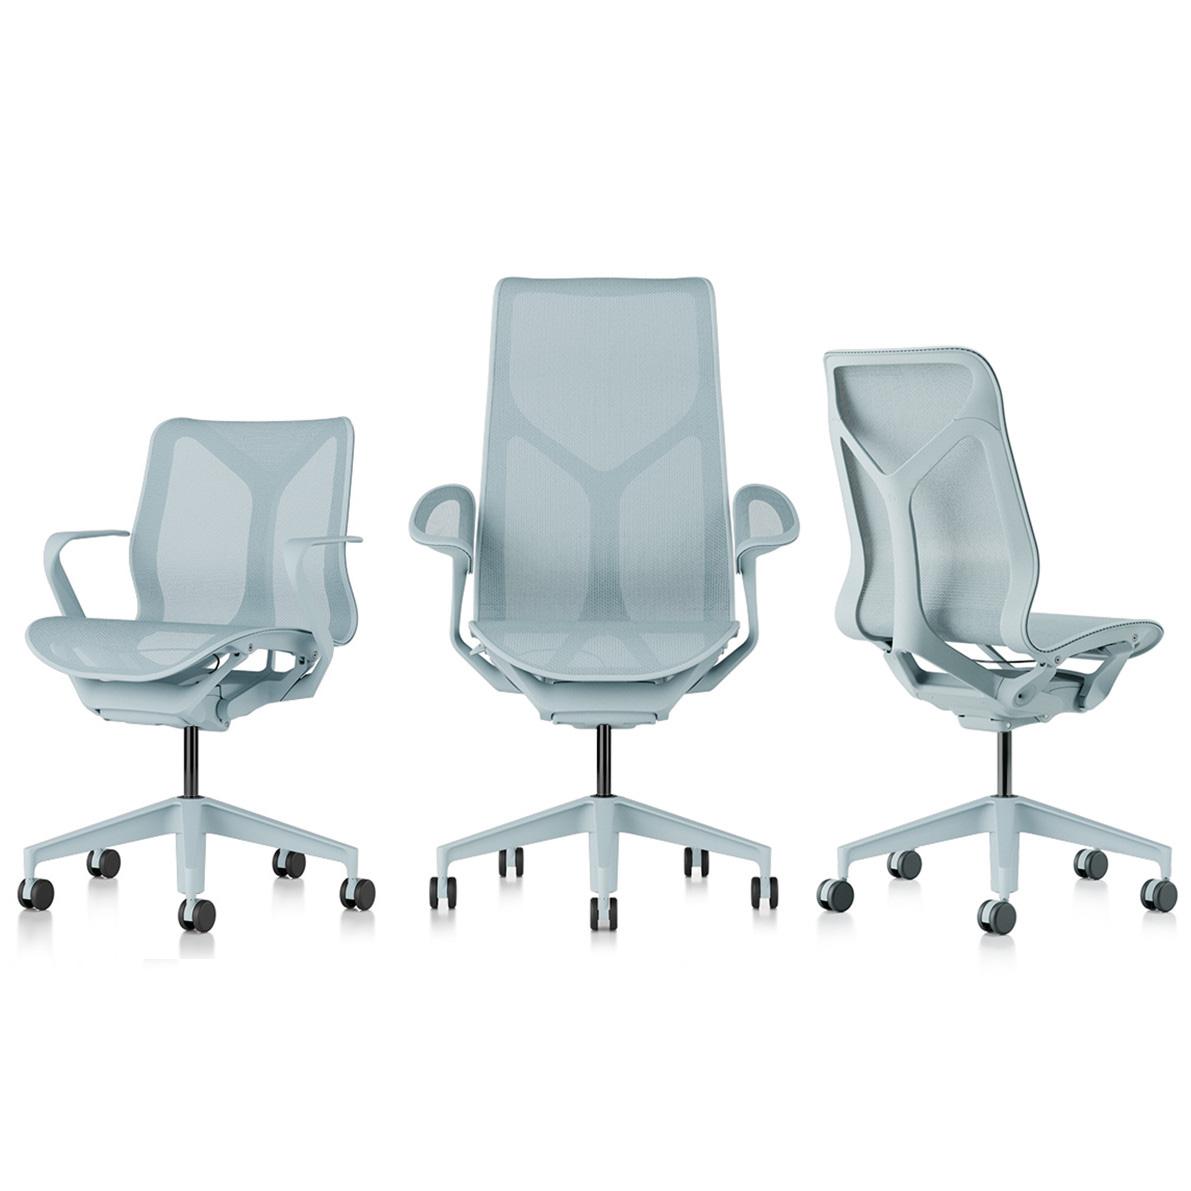 【ハーマンミラー正規販売店】コズムチェア(北米Ver.) Cosm Chair(US Ver.)